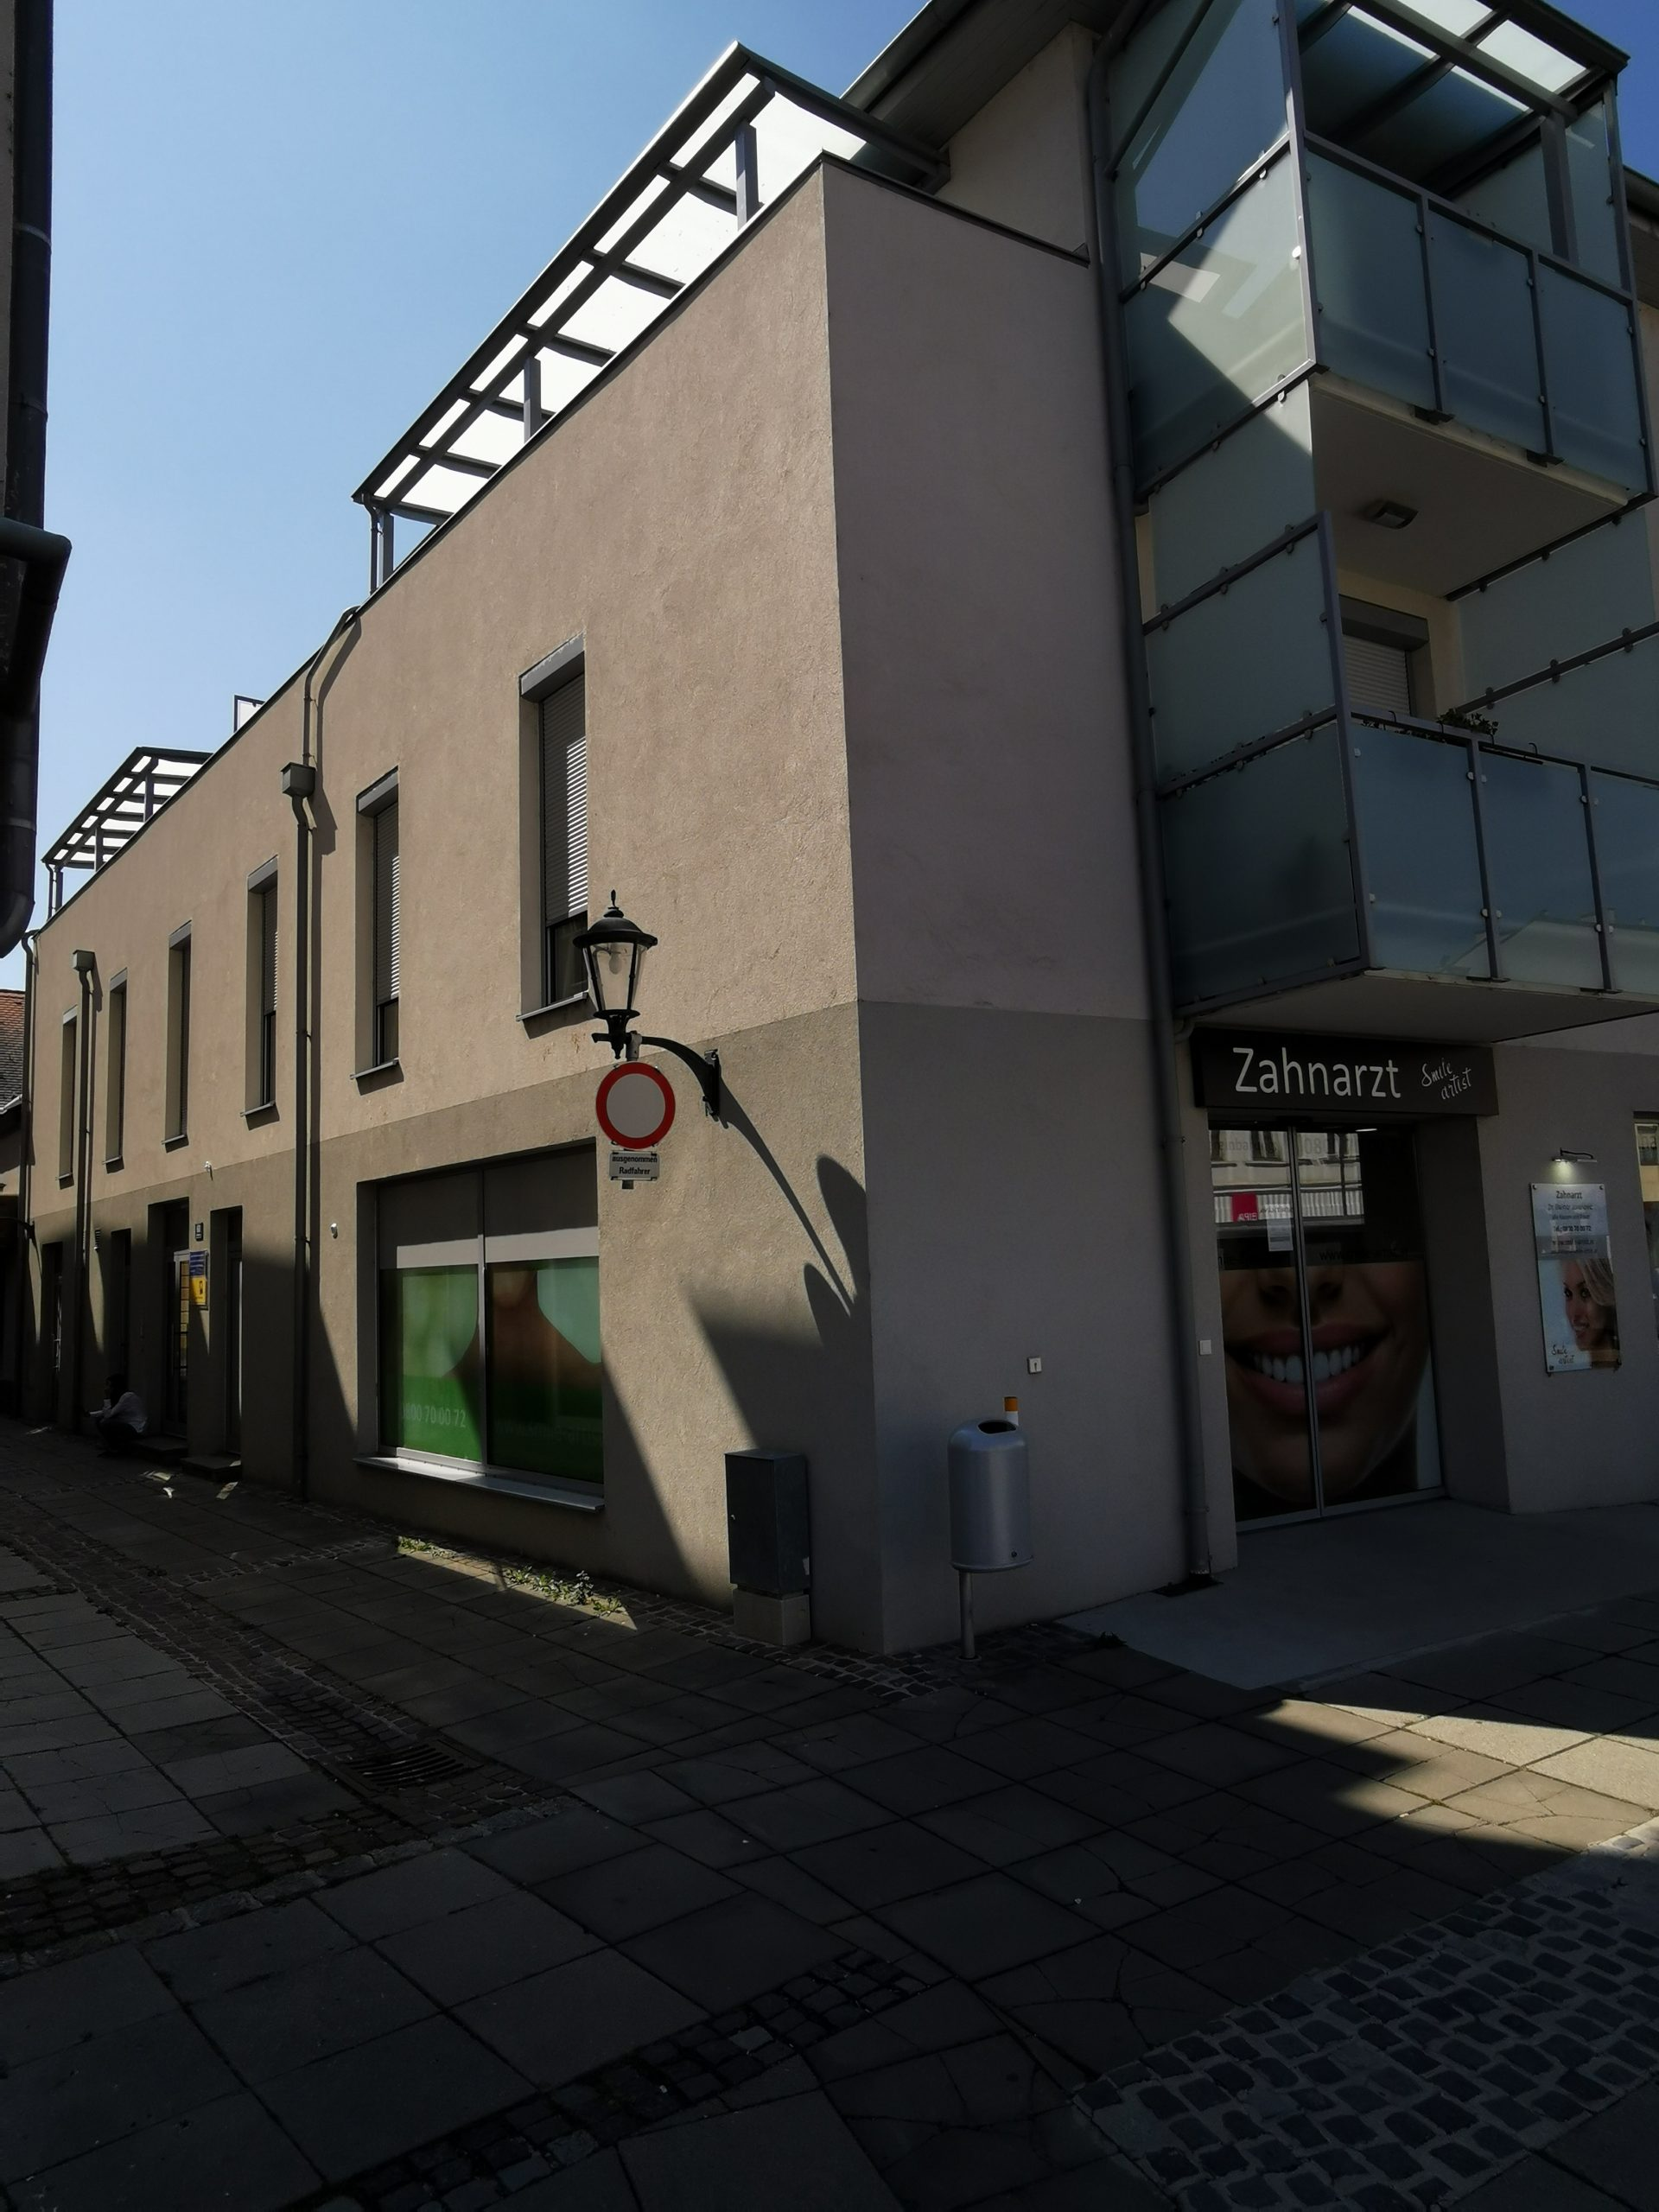 Immobilie von Kamptal in 2136 Laa an der Thaya, Mistelbach, Laa/ Thaya VII - Top 20 - Stadtplatz Nr. 61 #11